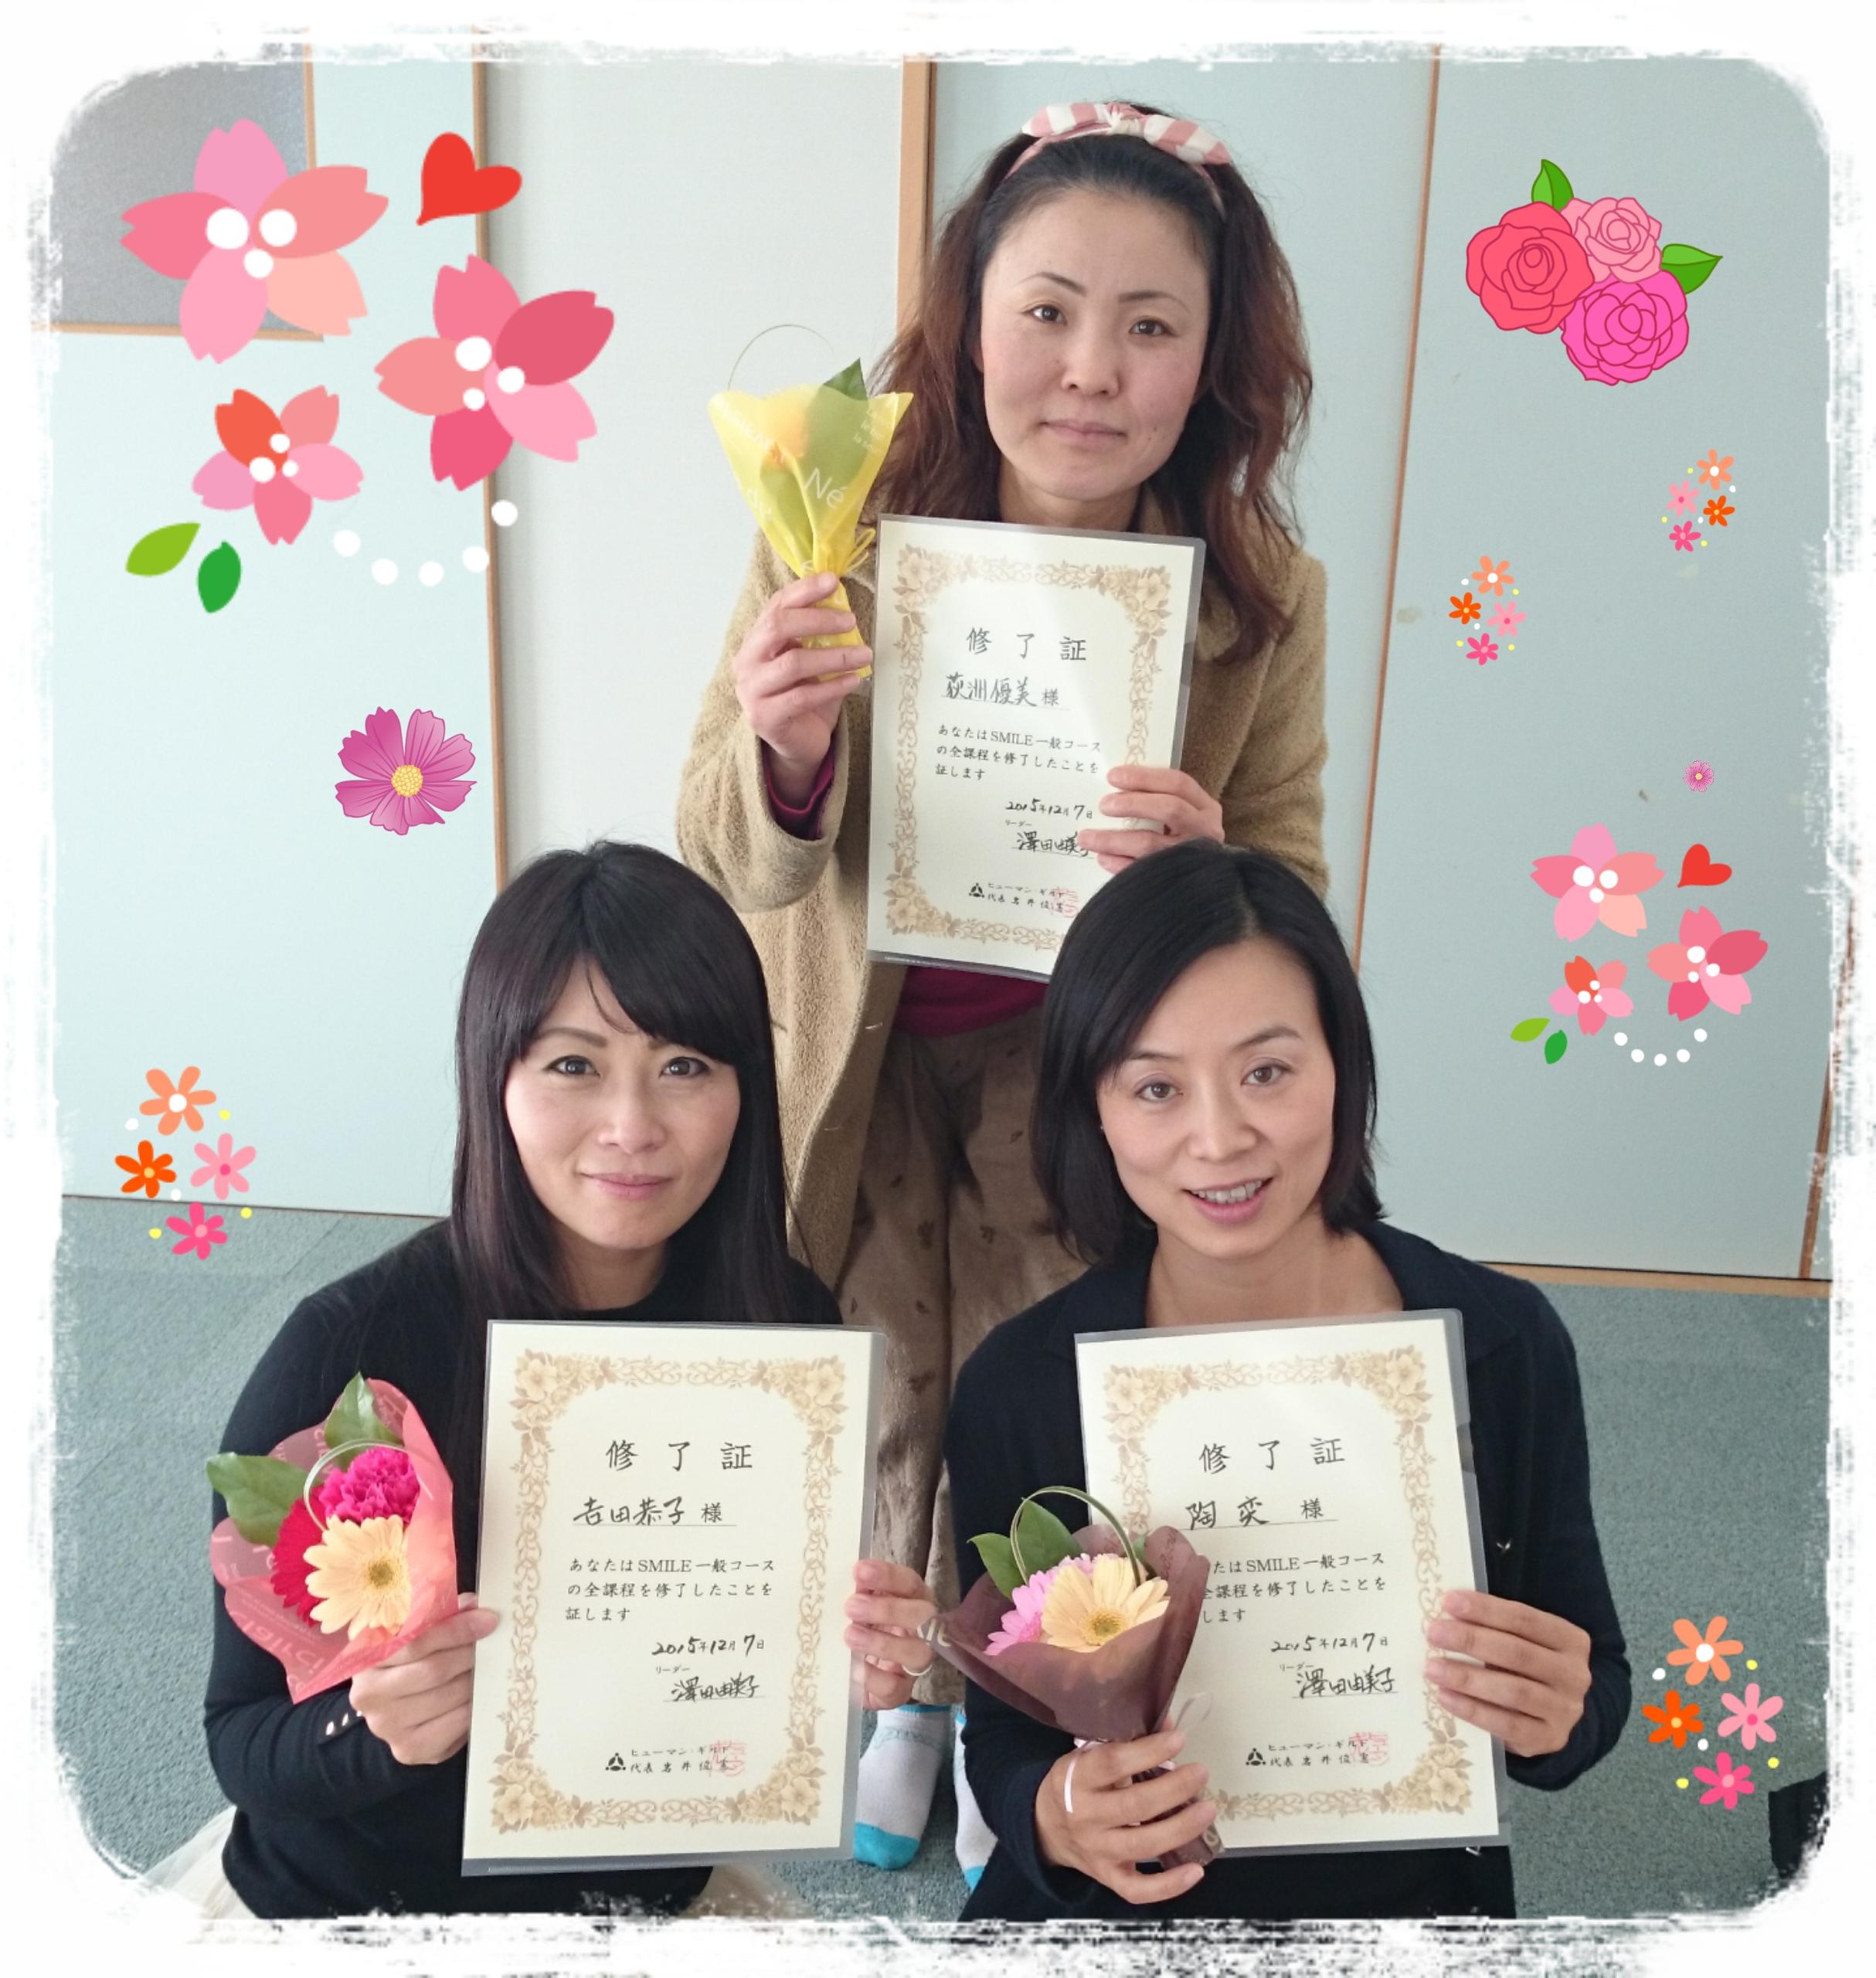 第10期   春日井   SMILE   ☆   四人で勇気づけを意識し、人格を尊重する   信頼・尊敬・共感、対等の関係   を育んだ   素敵な素敵な8ヶ月でした。